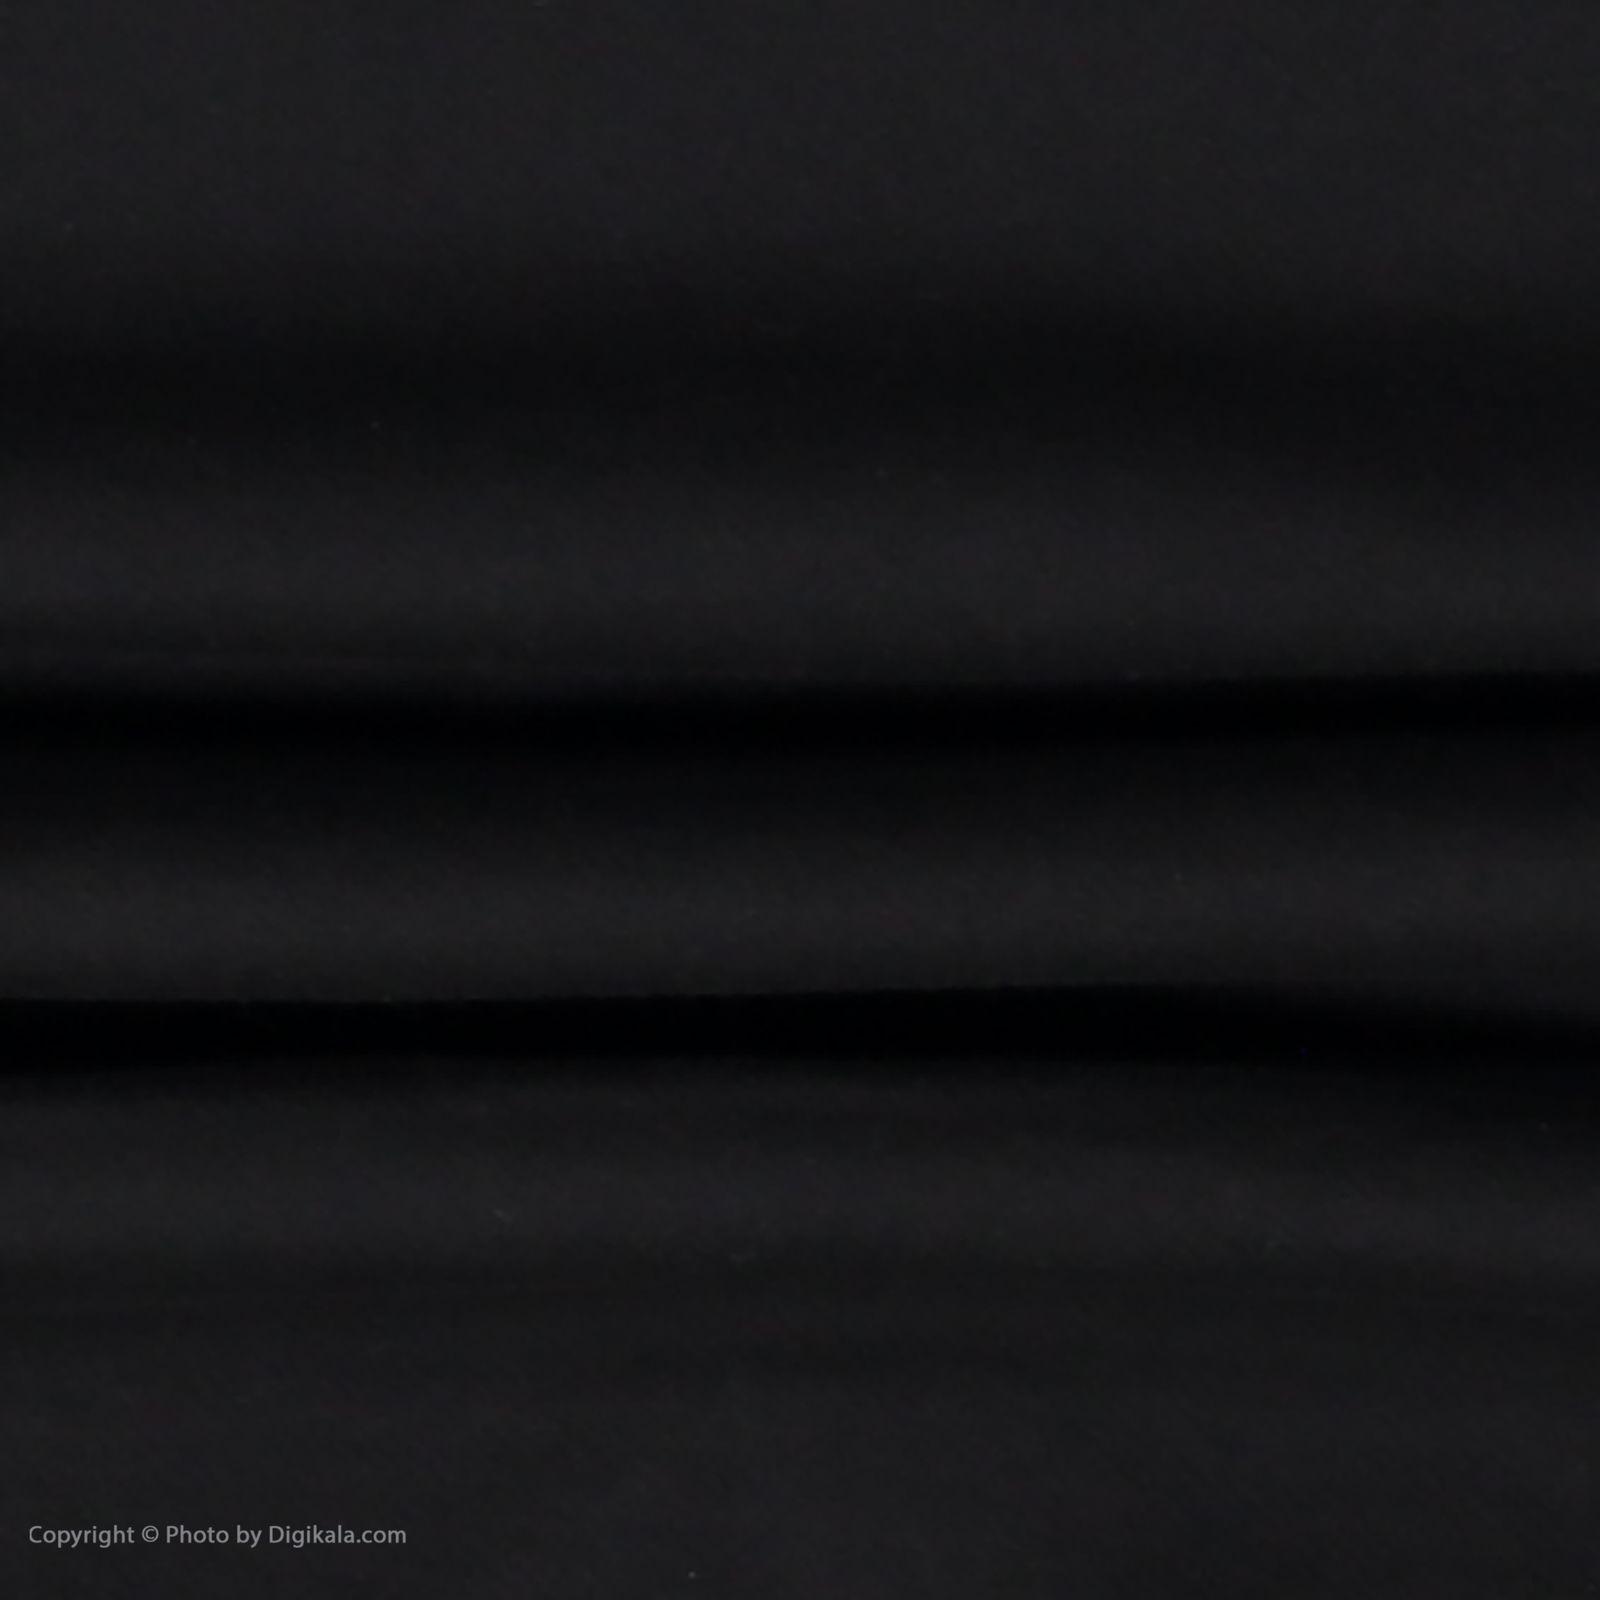 سویشرت پسرانه سون پون مدل 1391370-99 -  - 5